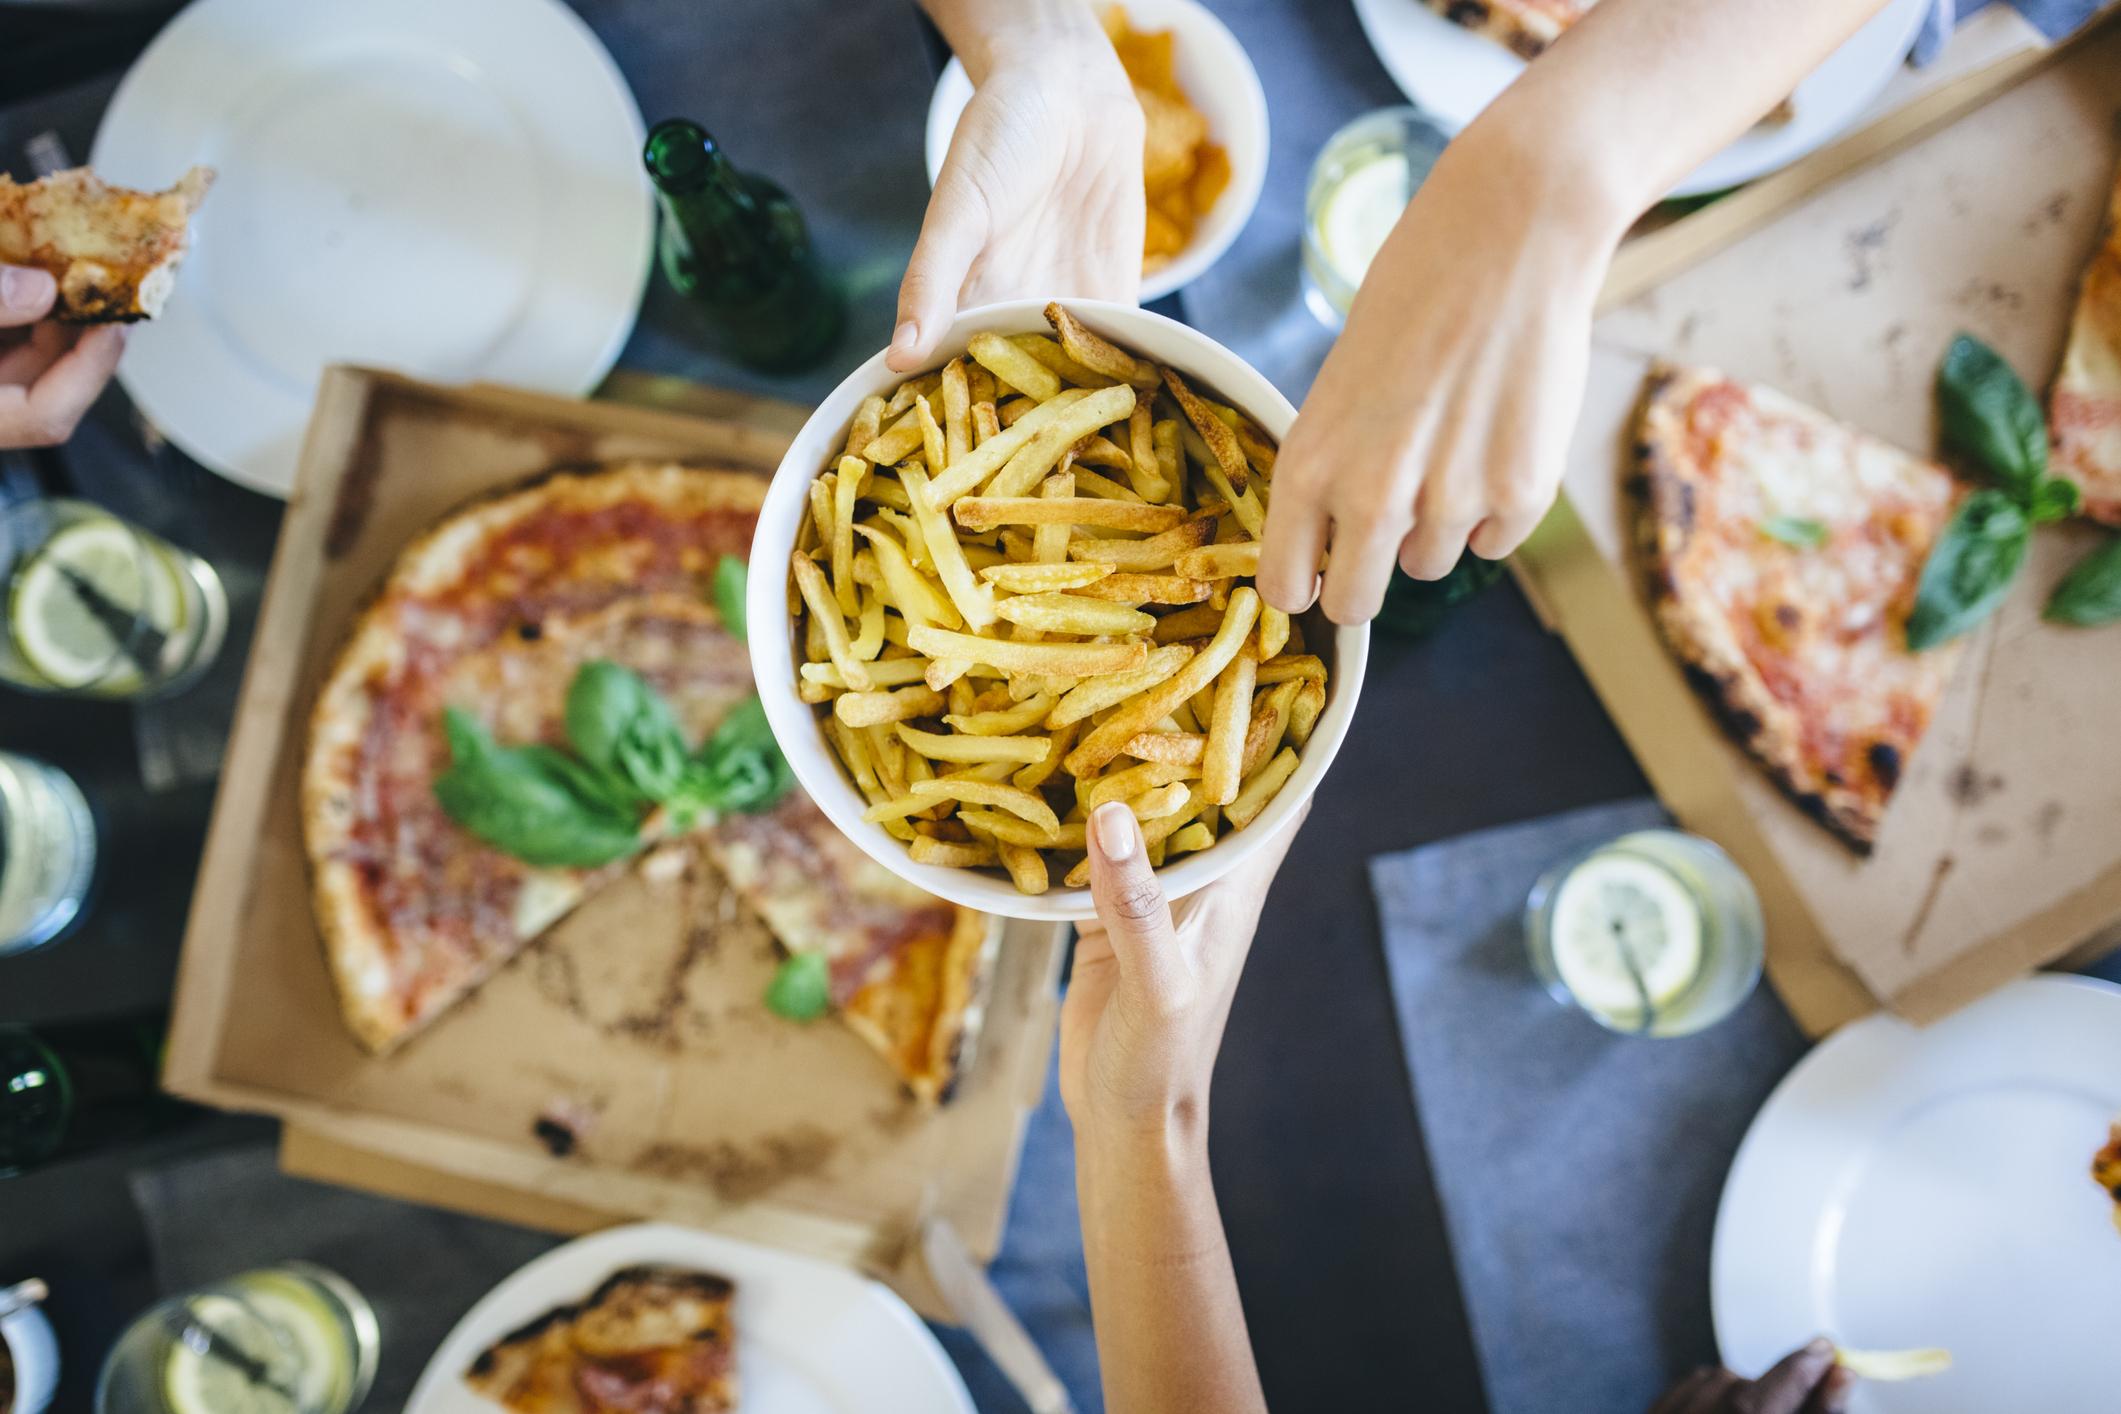 Mujer demandó a sus jefes por no invitarla a comer pizza y ganó millonaria indemnización